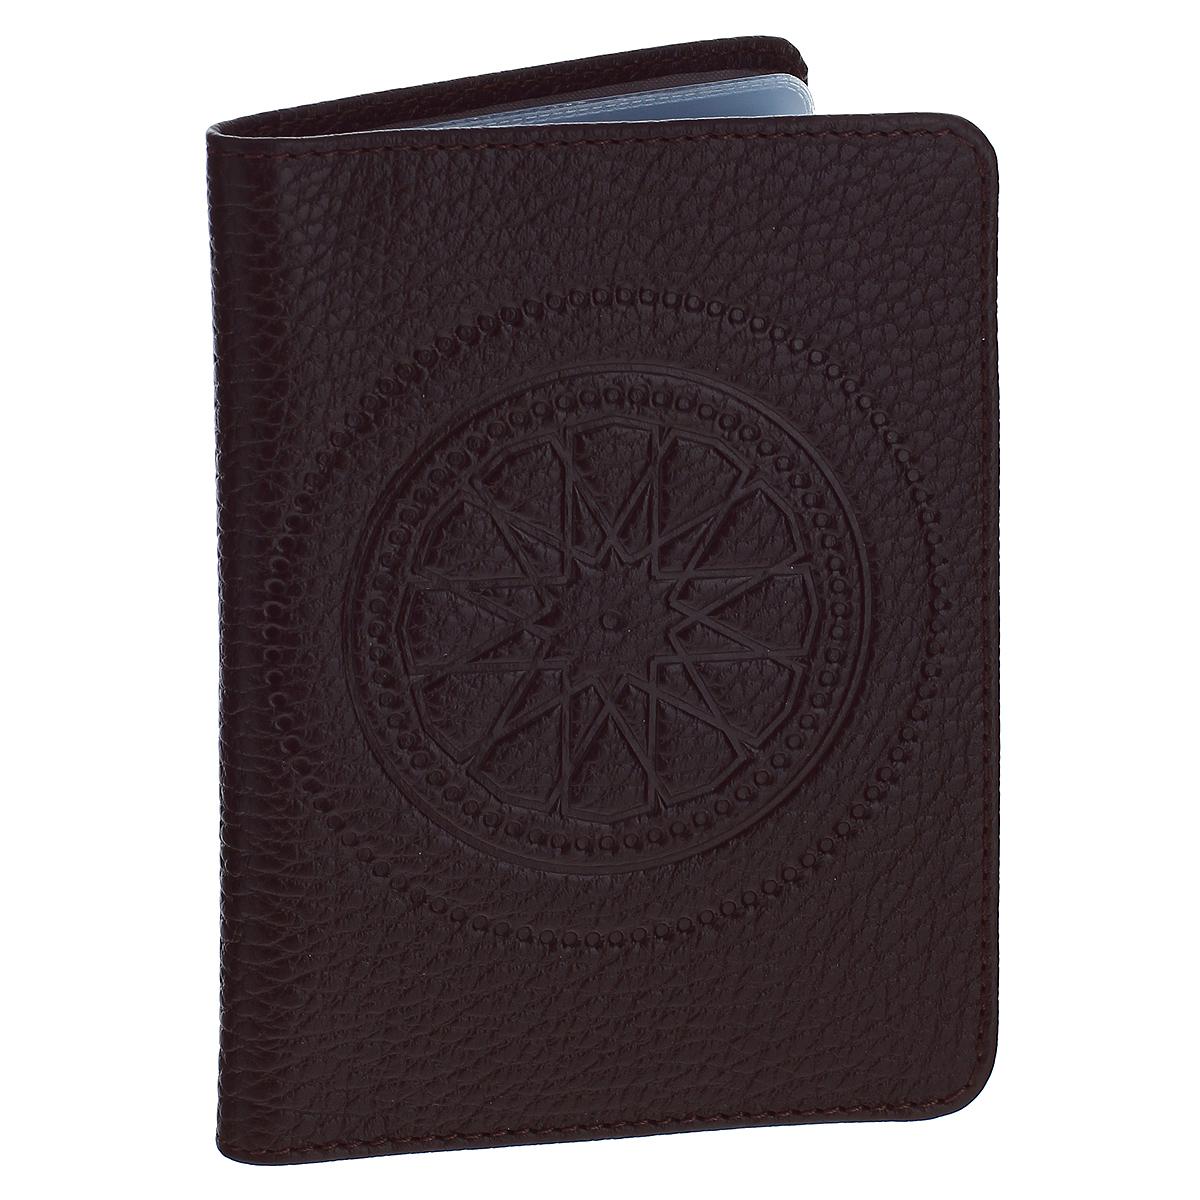 Бумажник водителя Askent Talisman, цвет: шоколадный. BV.66.SN1-022_516Бумажник водителя Askent Talisman выполнен из натуральной кожи с декоративным тиснениемв виде талисмана. На внутреннем развороте имеет два кармана: глубокий вертикальный карман из кожи с 4 прорезными карманами для кредитных карт и карман из прозрачного пластика. Внутренний блок для водительских документов из прозрачного пластика (6 карманов).Такой бумажник станет отличным подарком для человека, ценящего качественные и необычные вещи.